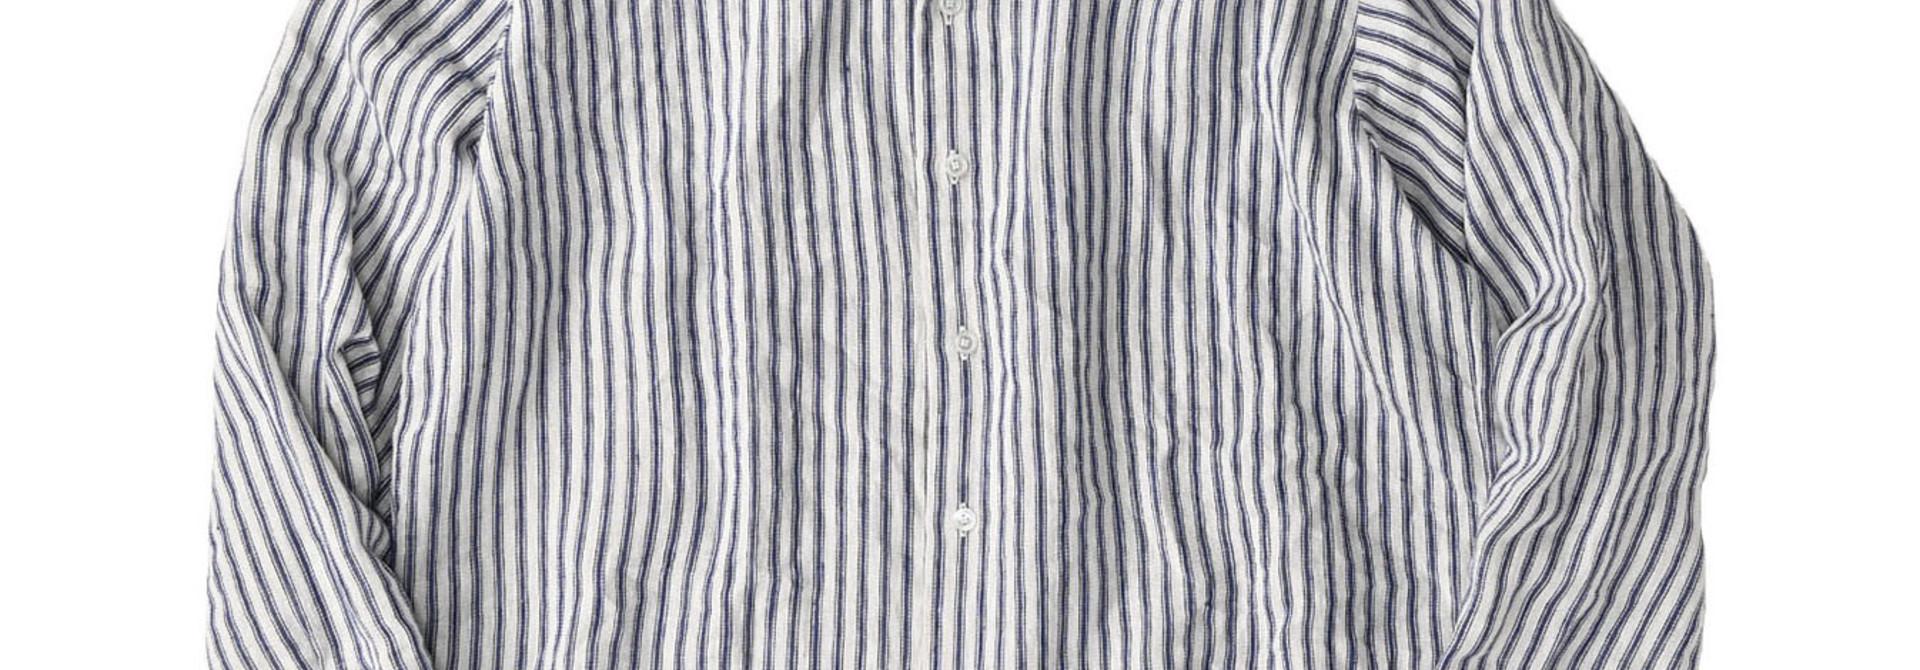 Indian Linen Twill 908 Shirt (0621)